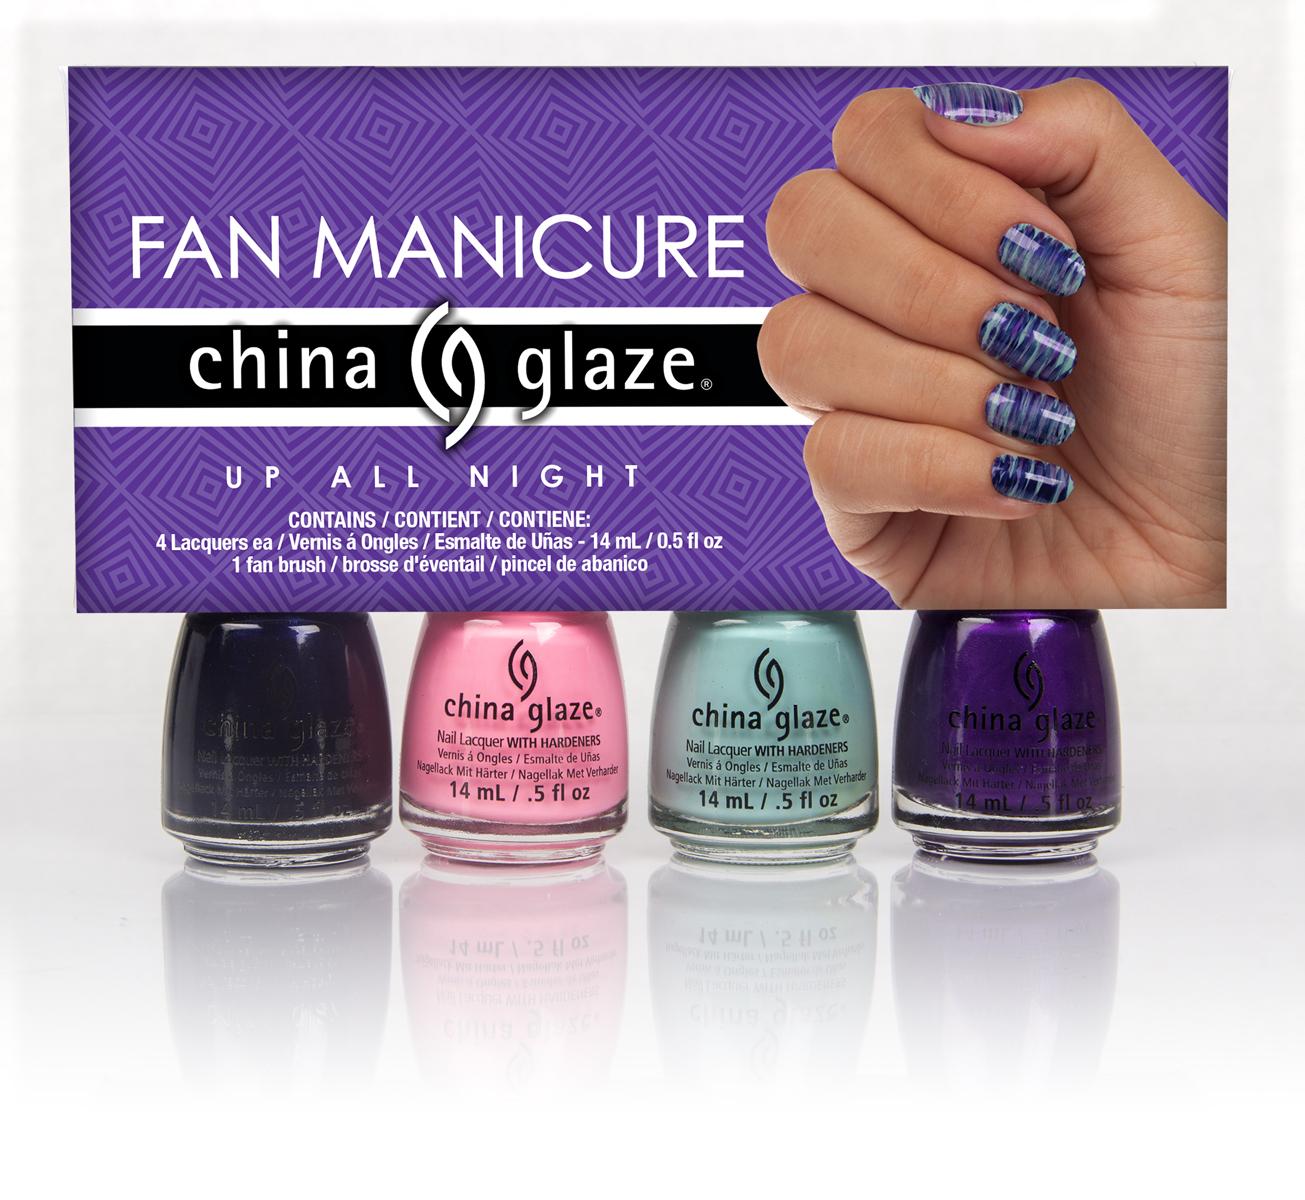 China Glaze Introduces Fan Manicure Kits - News - Modern Salon